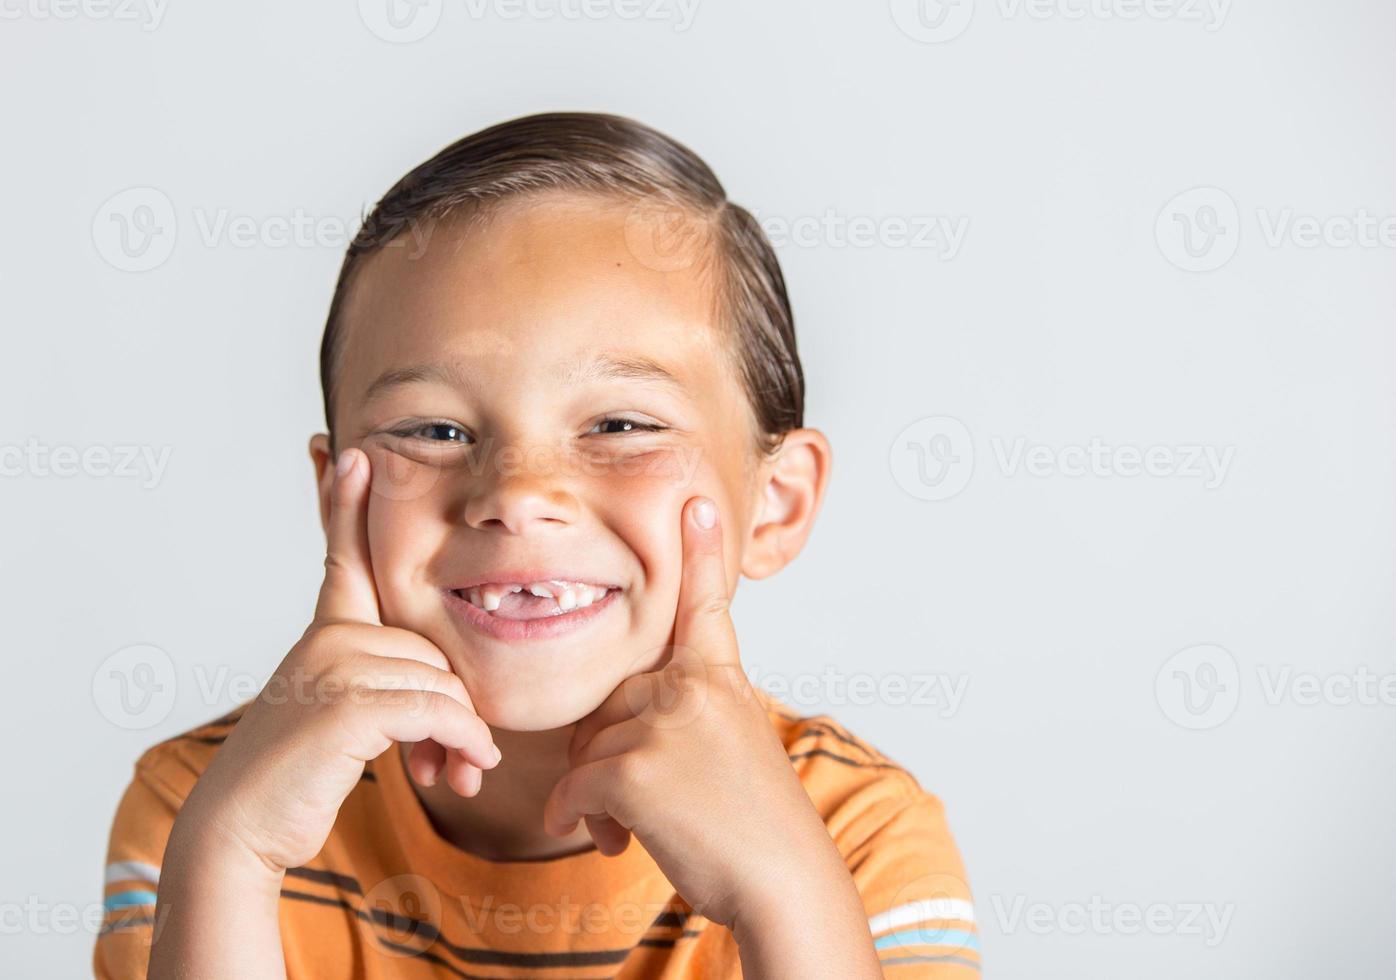 garoto mostrando falta de dentes. foto